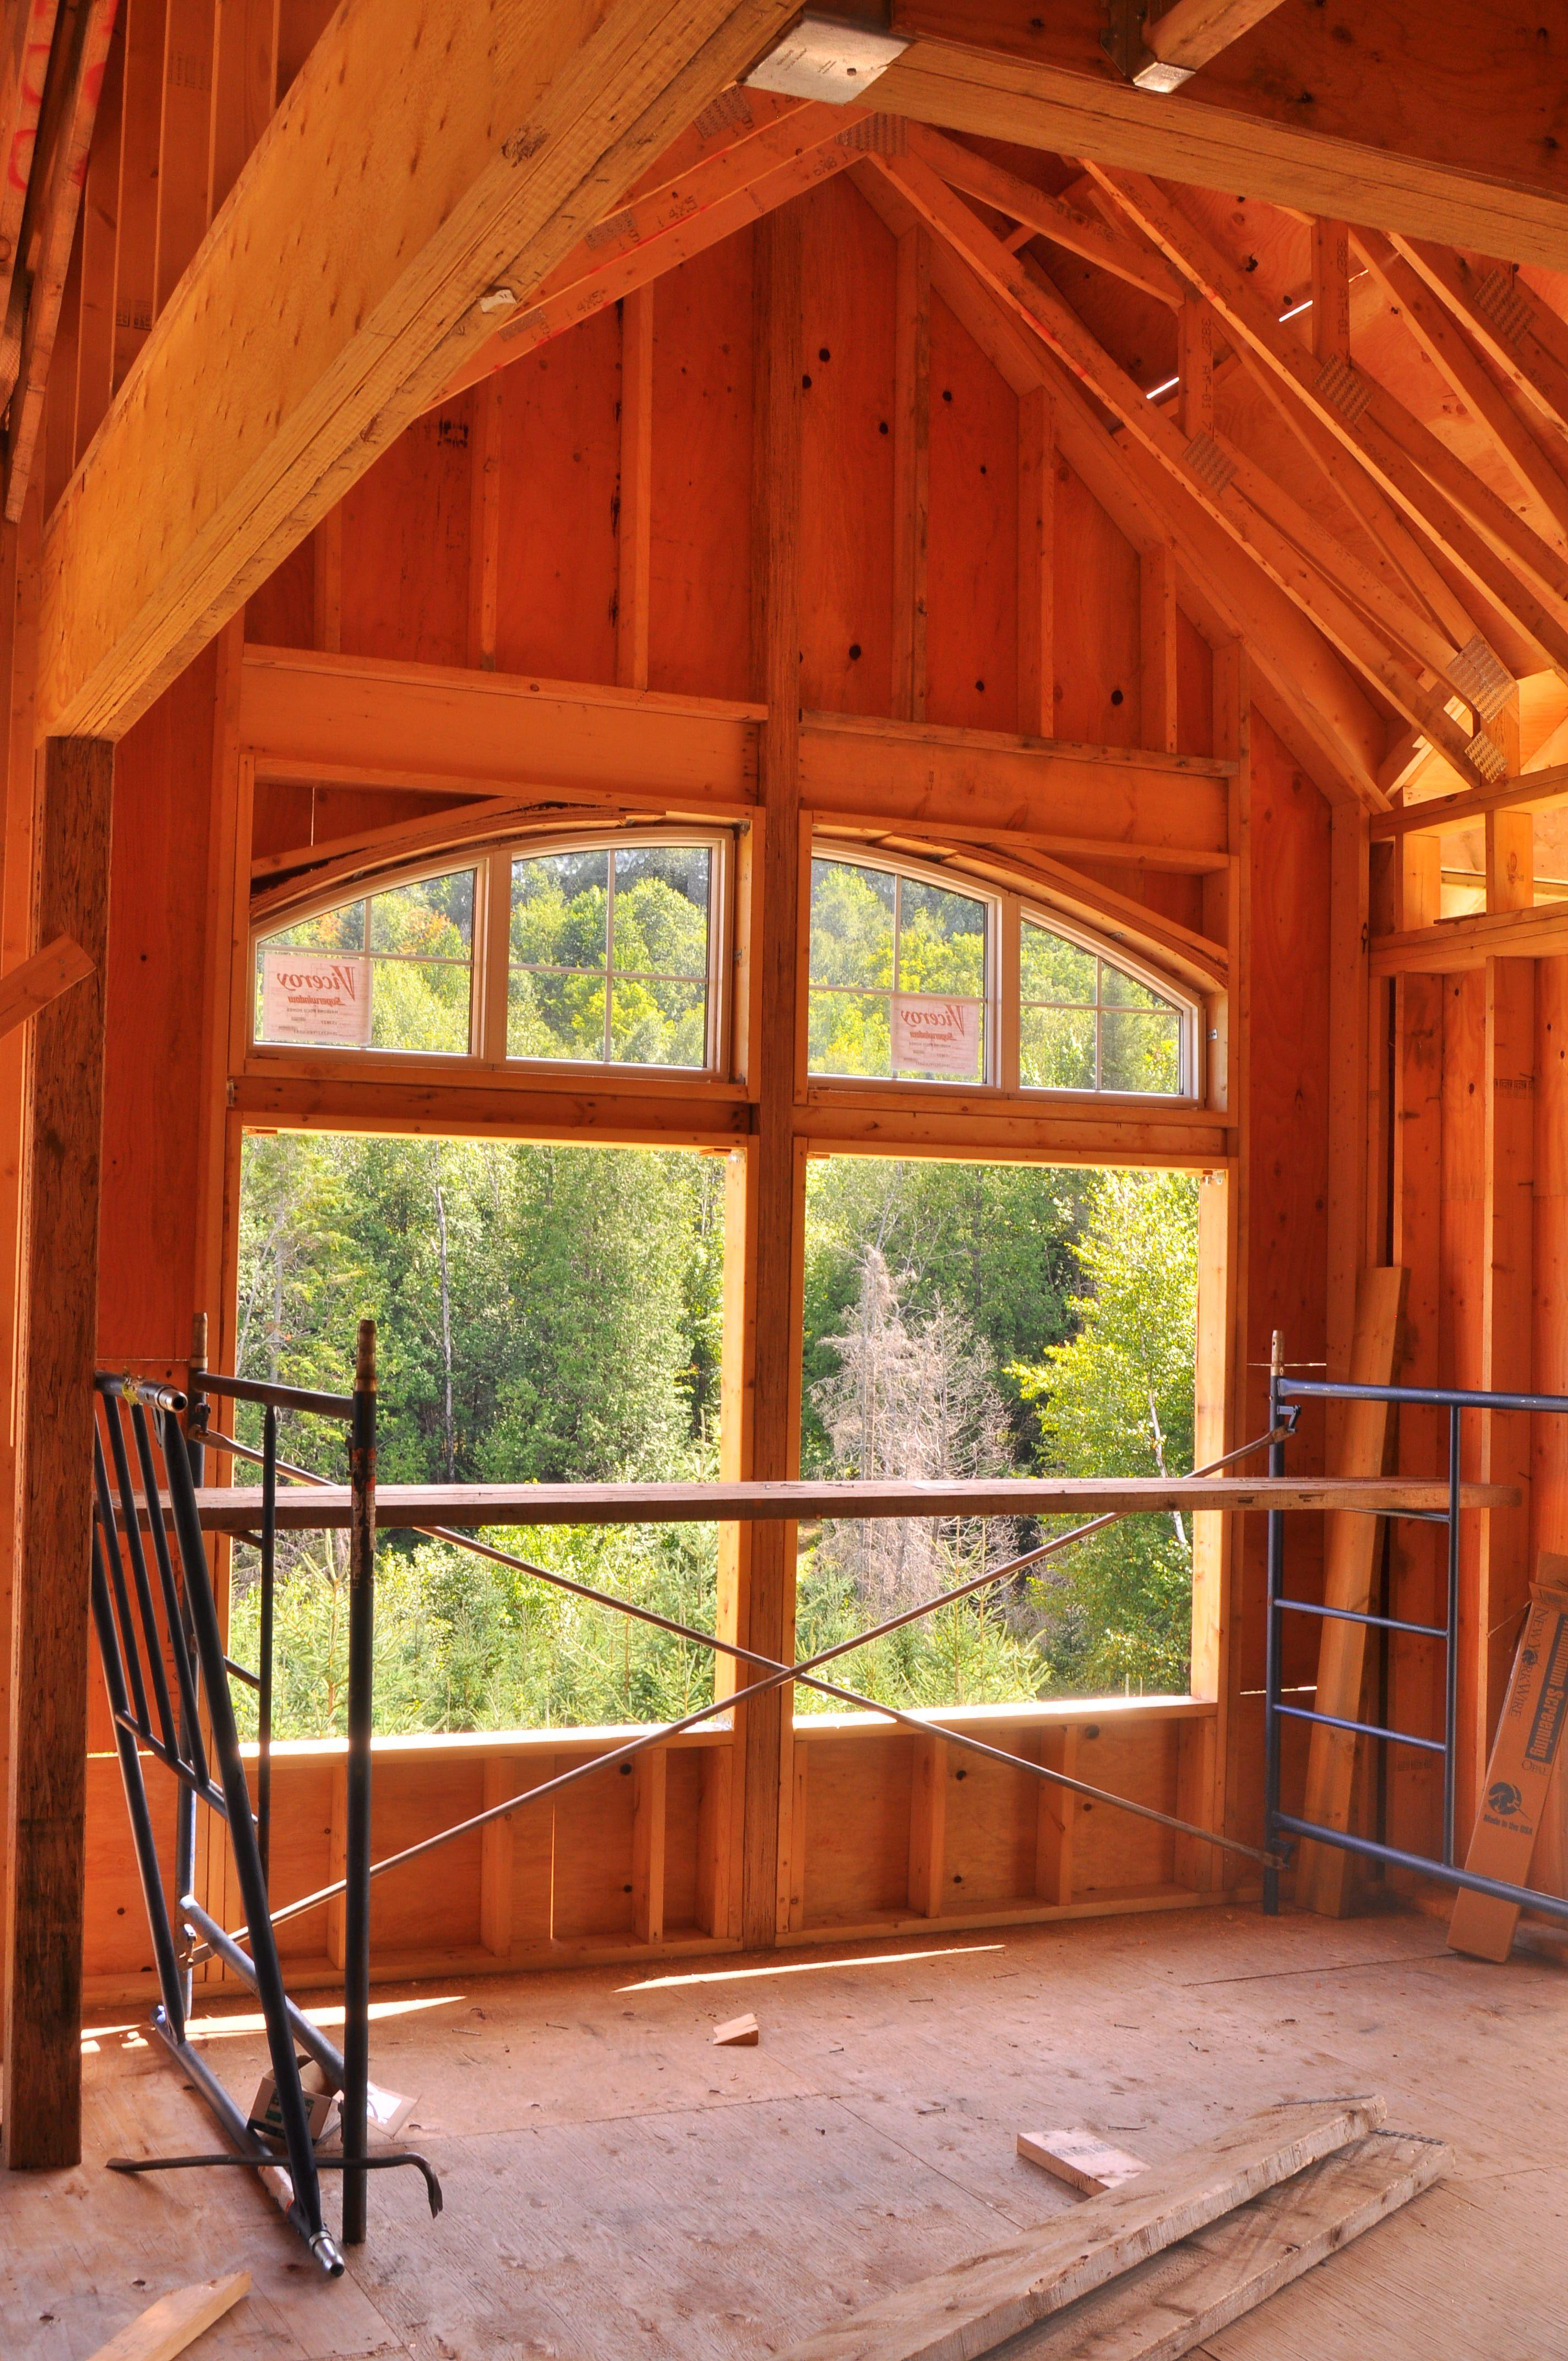 Charpente intérieur avec fenêtre arrondi